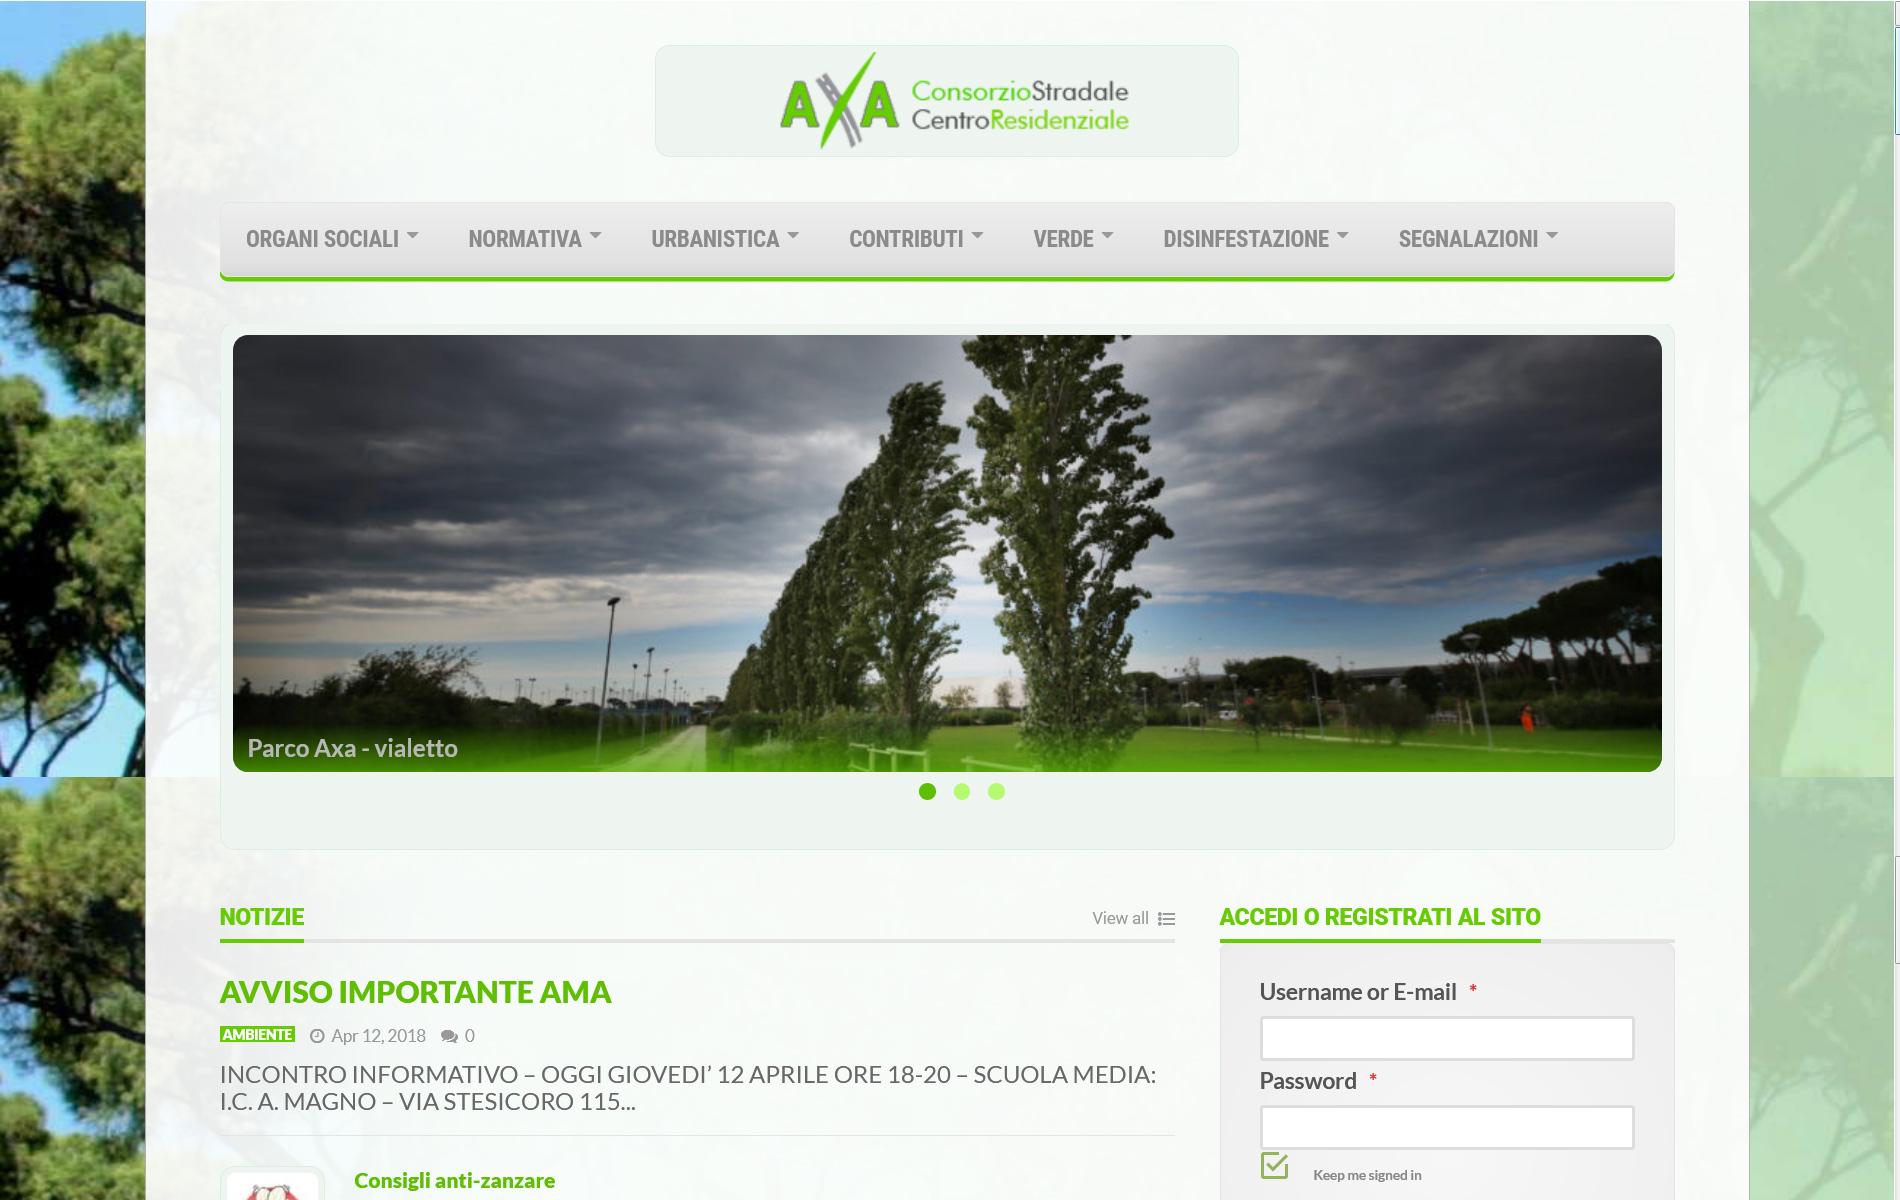 Consorzio AXA - Consorzio Stradale e Centro Residenziale